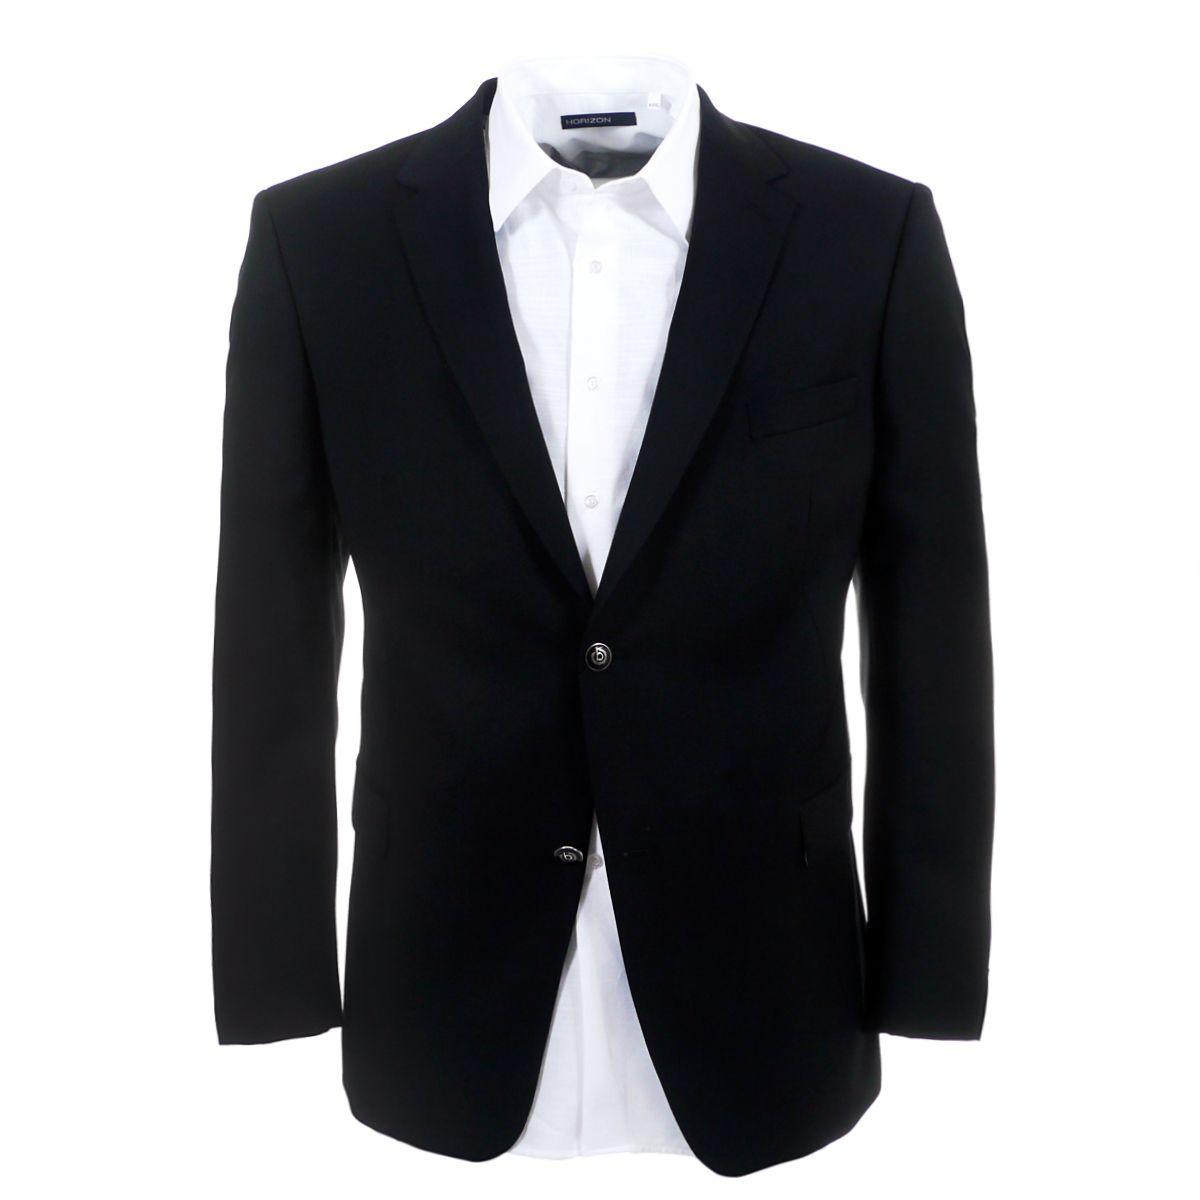 blazer noir super 100 39 s pour homme fort jusqu 39 au 72 size factory bugatti. Black Bedroom Furniture Sets. Home Design Ideas